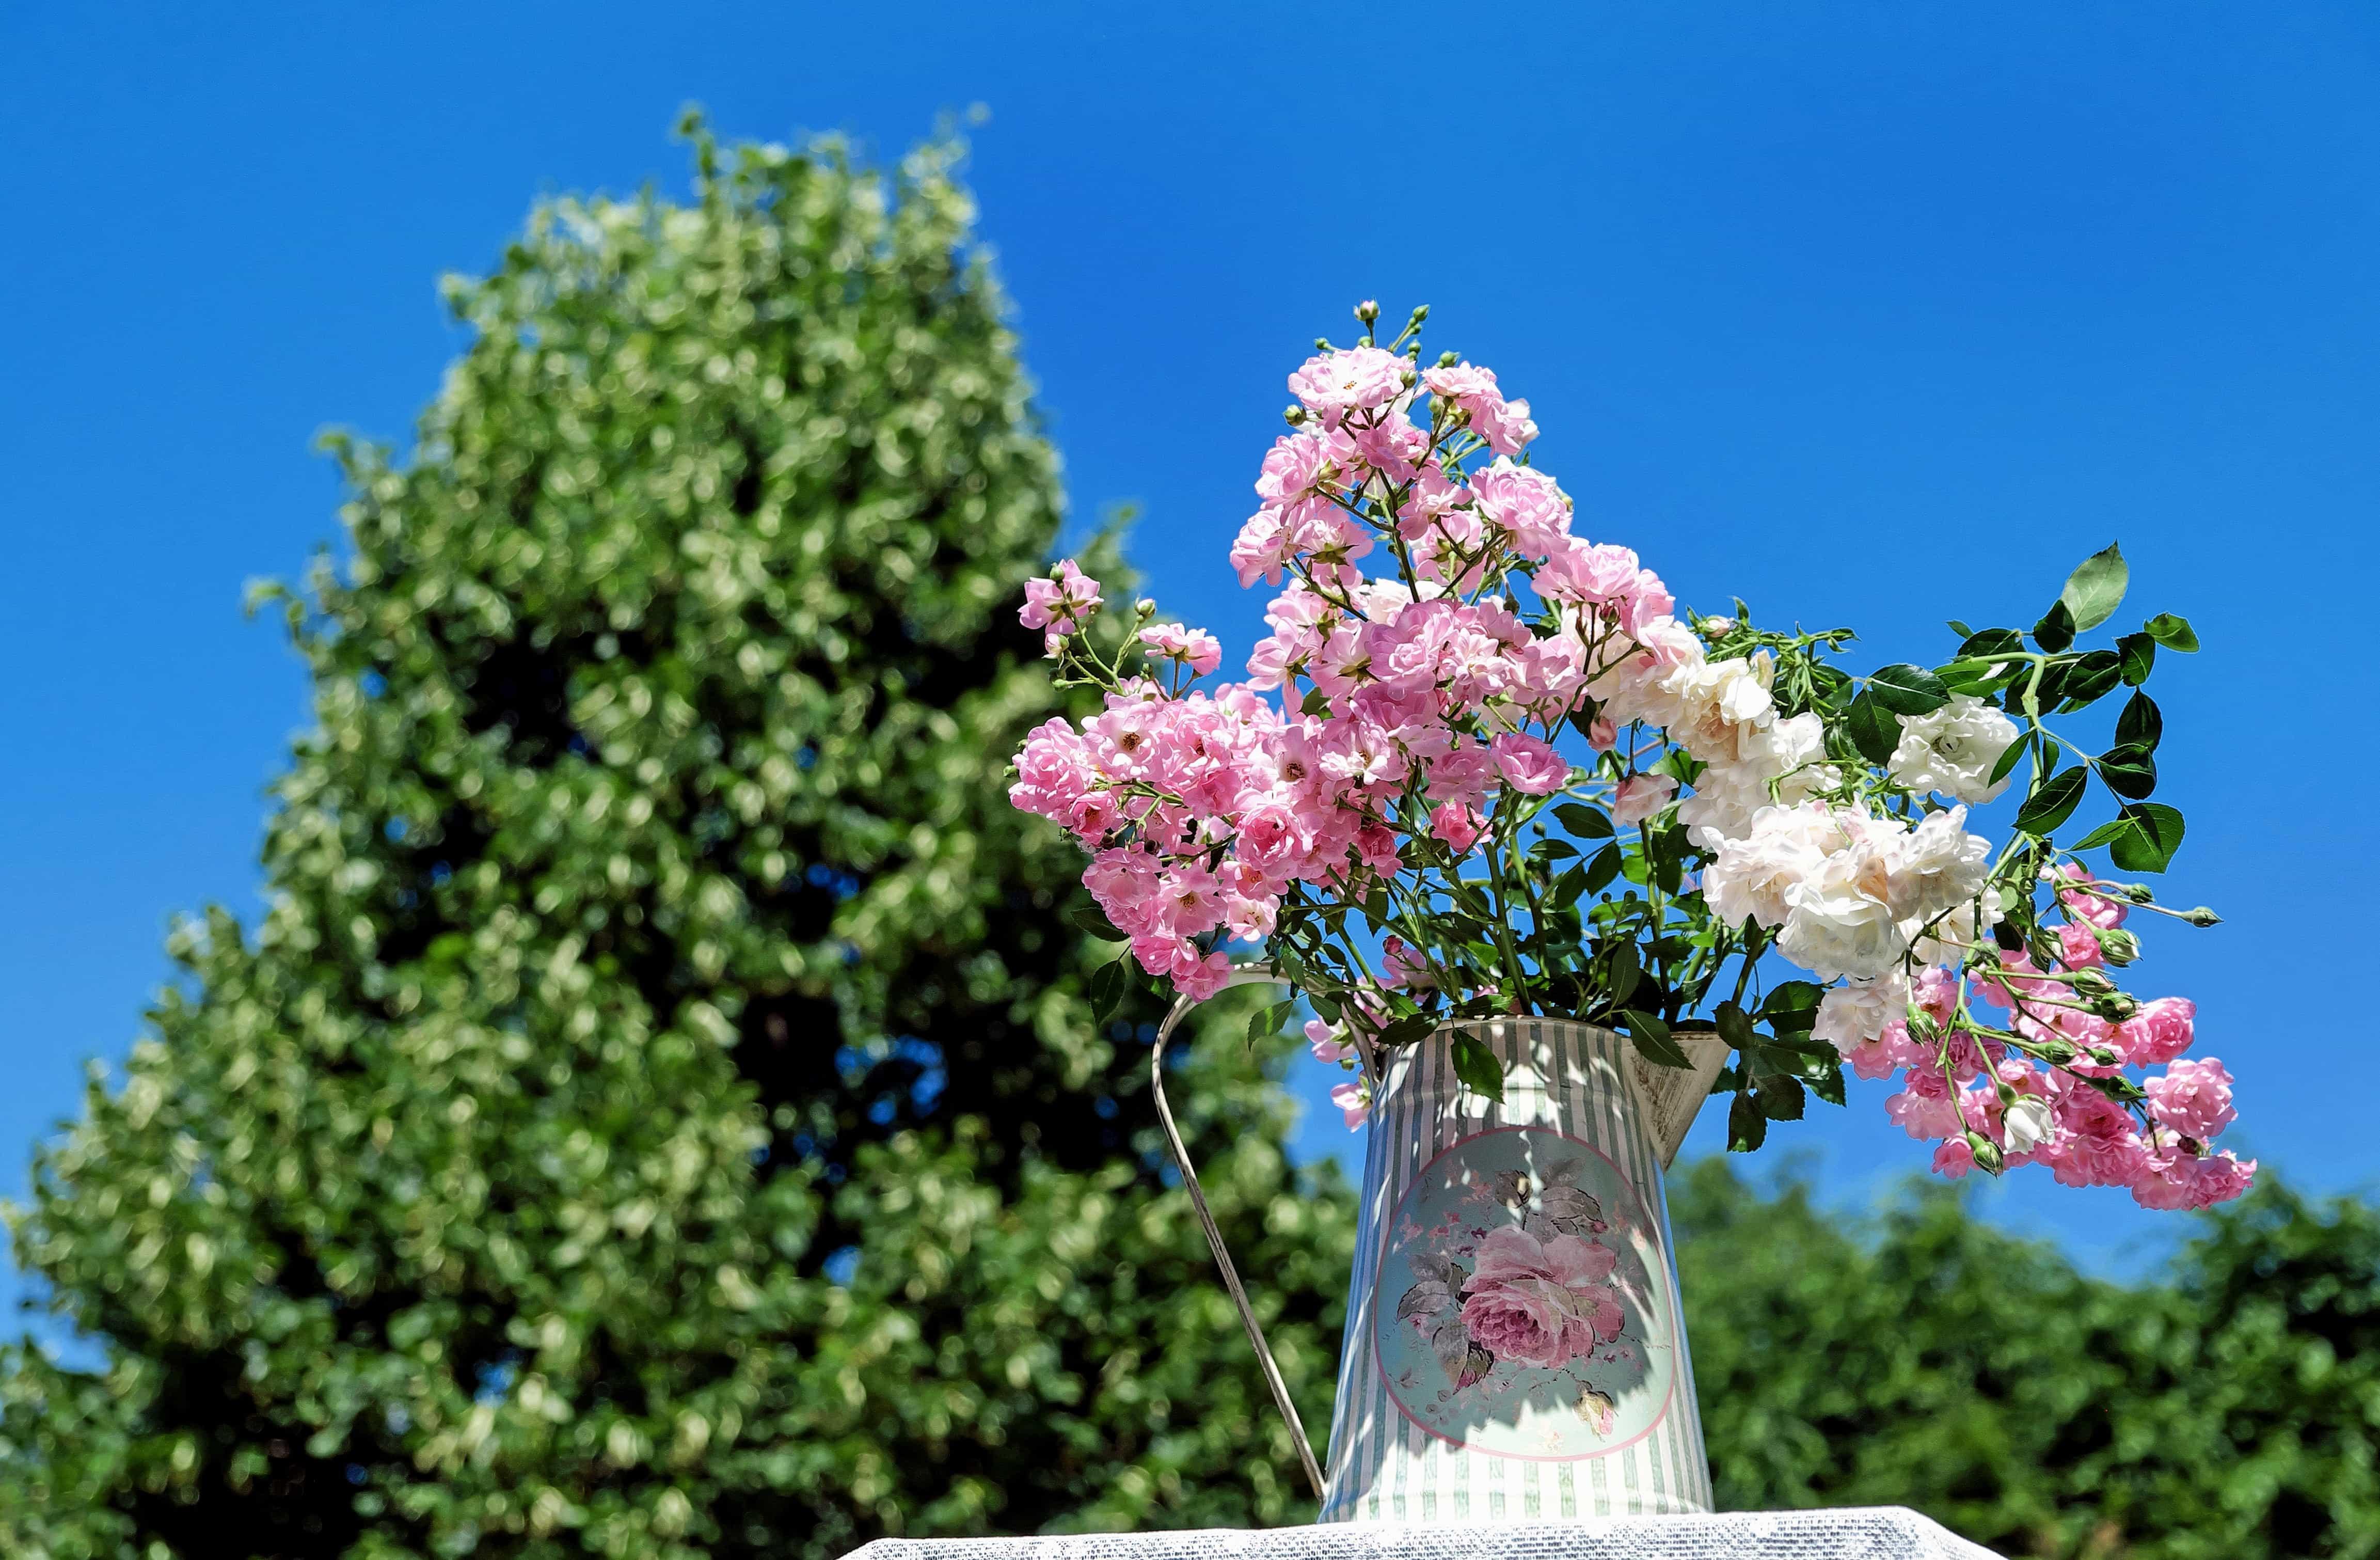 image libre: branche, bouquet, vase, flore, jardin, arbre, fleur